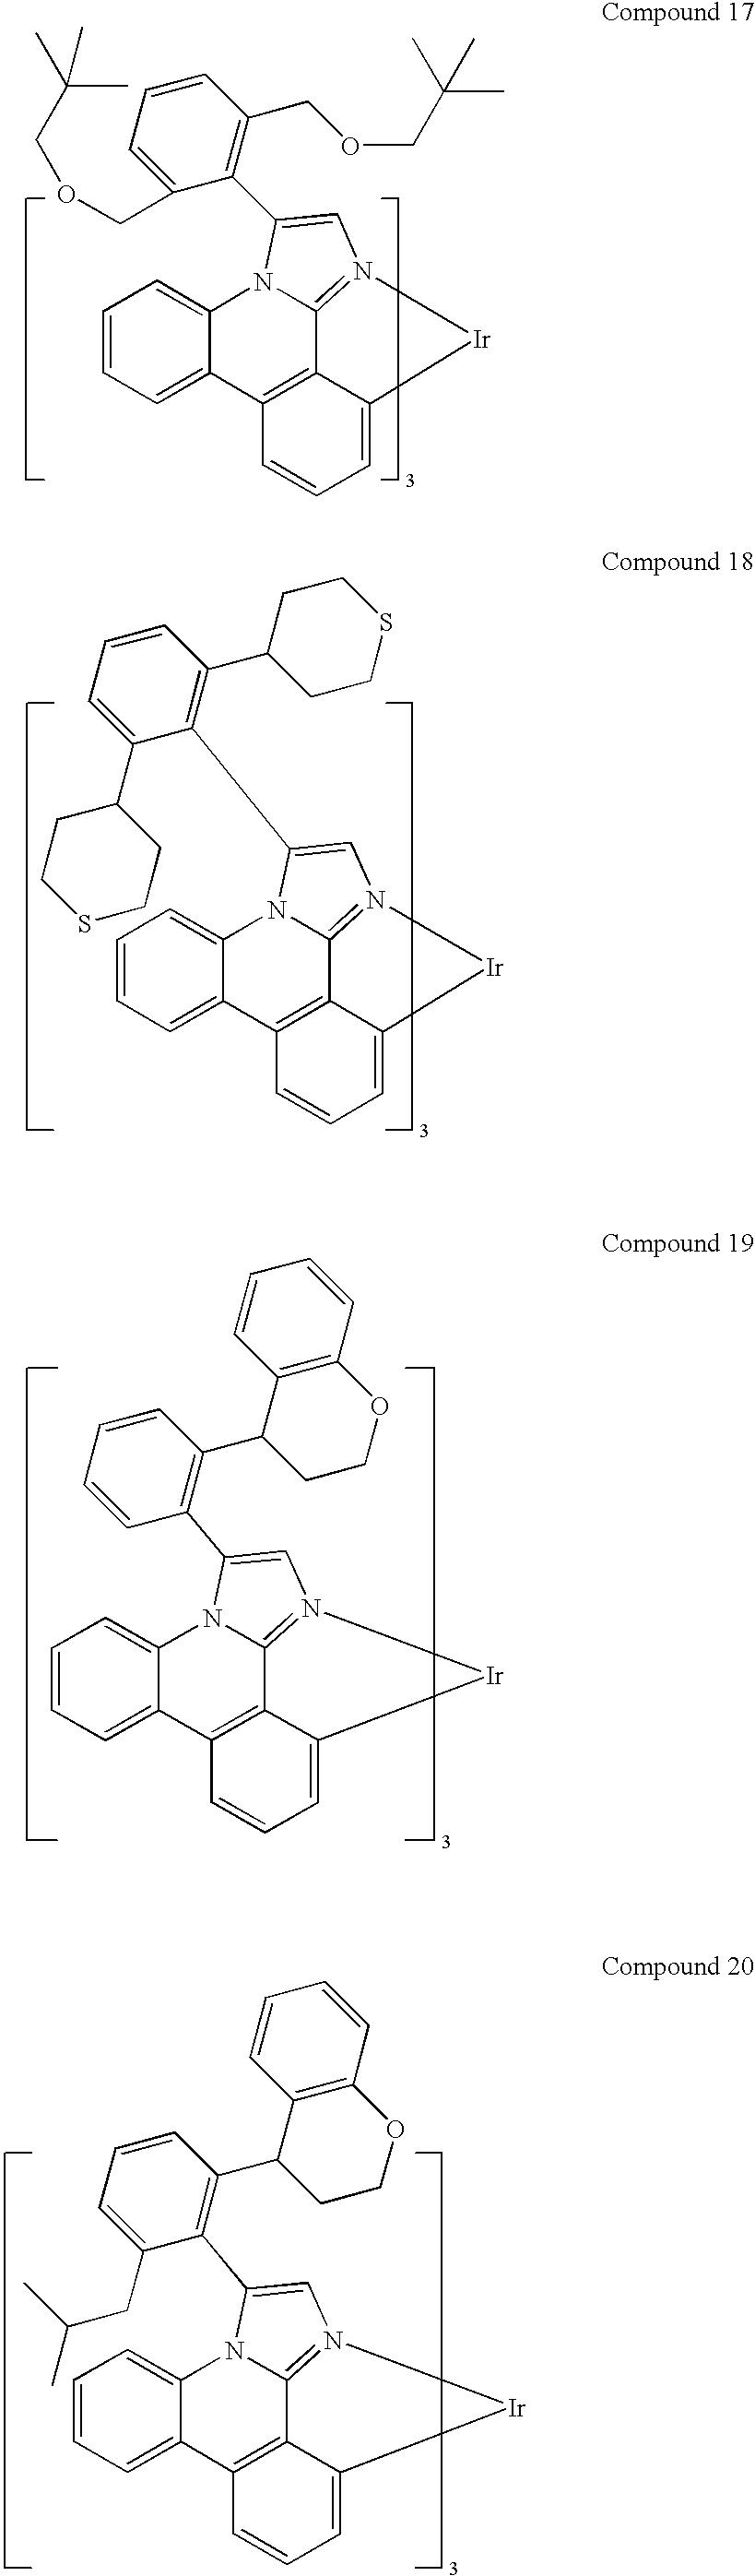 Figure US20100148663A1-20100617-C00021